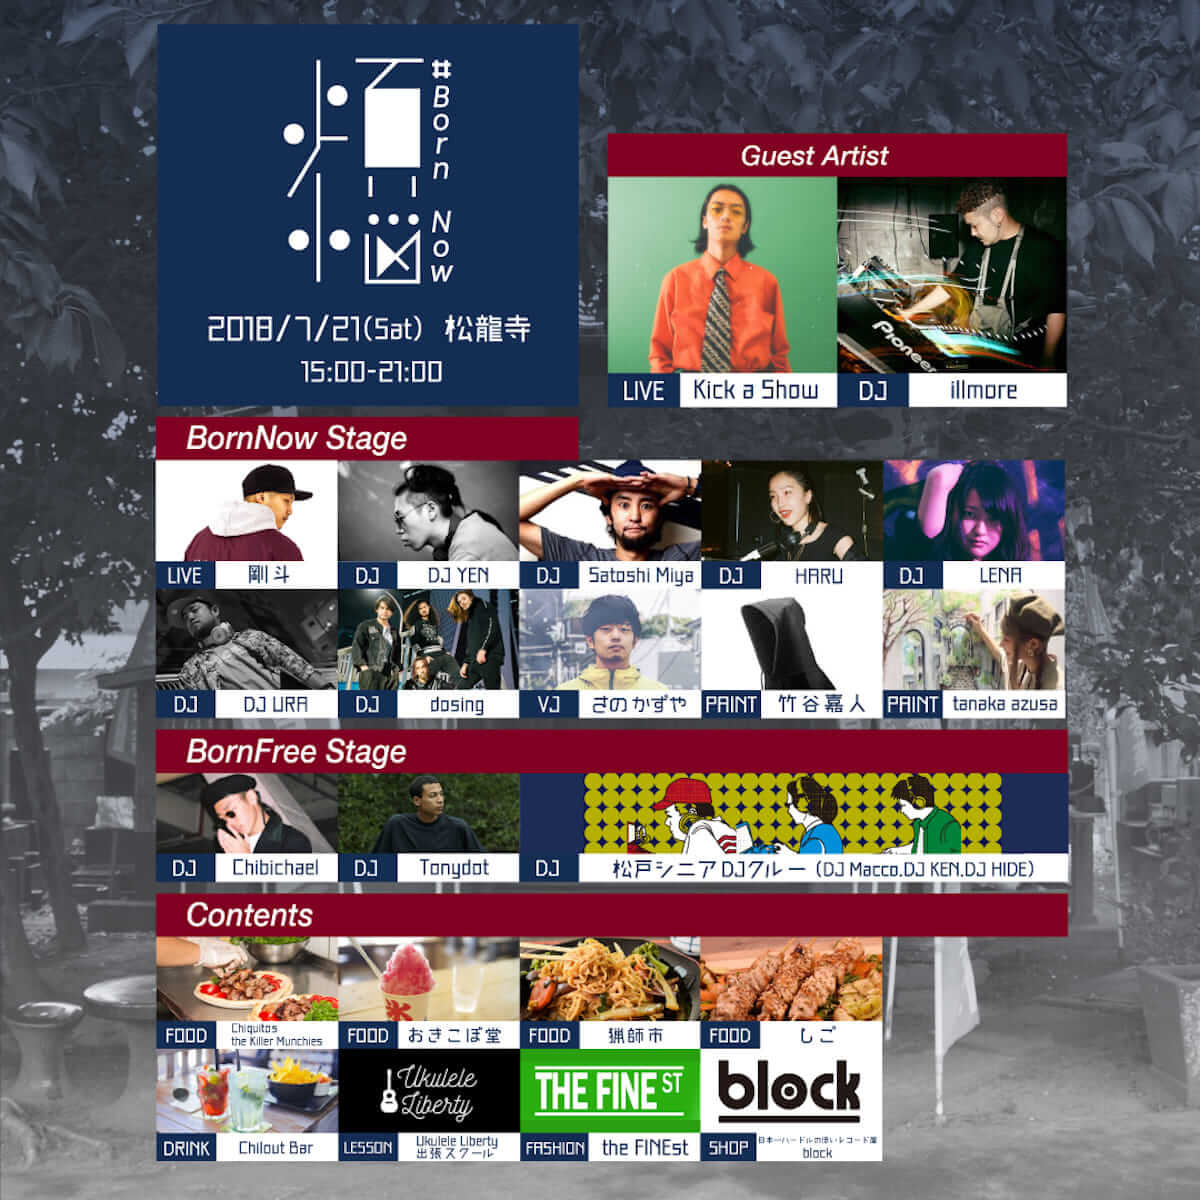 寺×HIPHOP!?チルでホットな新感覚カルチャーフェス「煩悩 #BornNow 2018」は7月21日に開催!!! music180710_bornnow-3-1200x1200